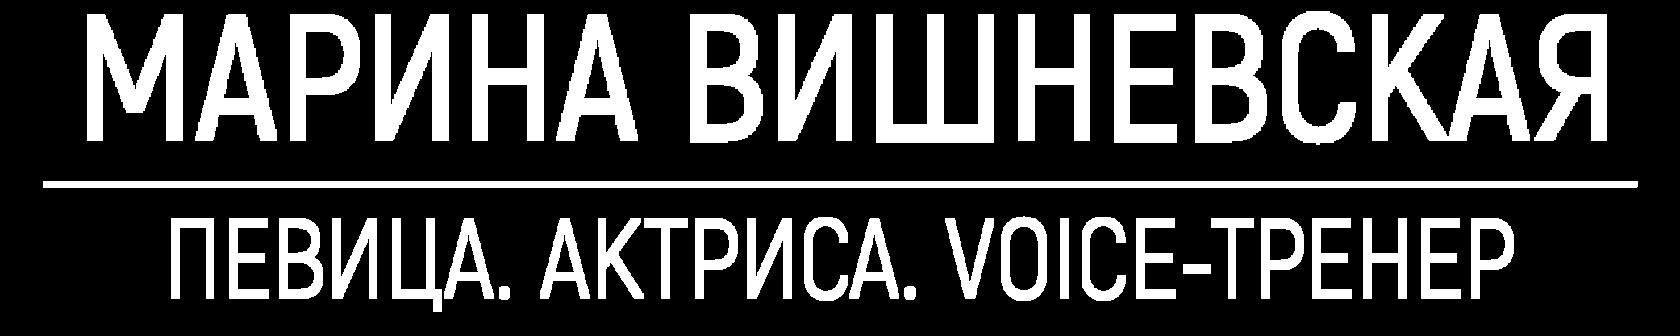 Марина Вишневская